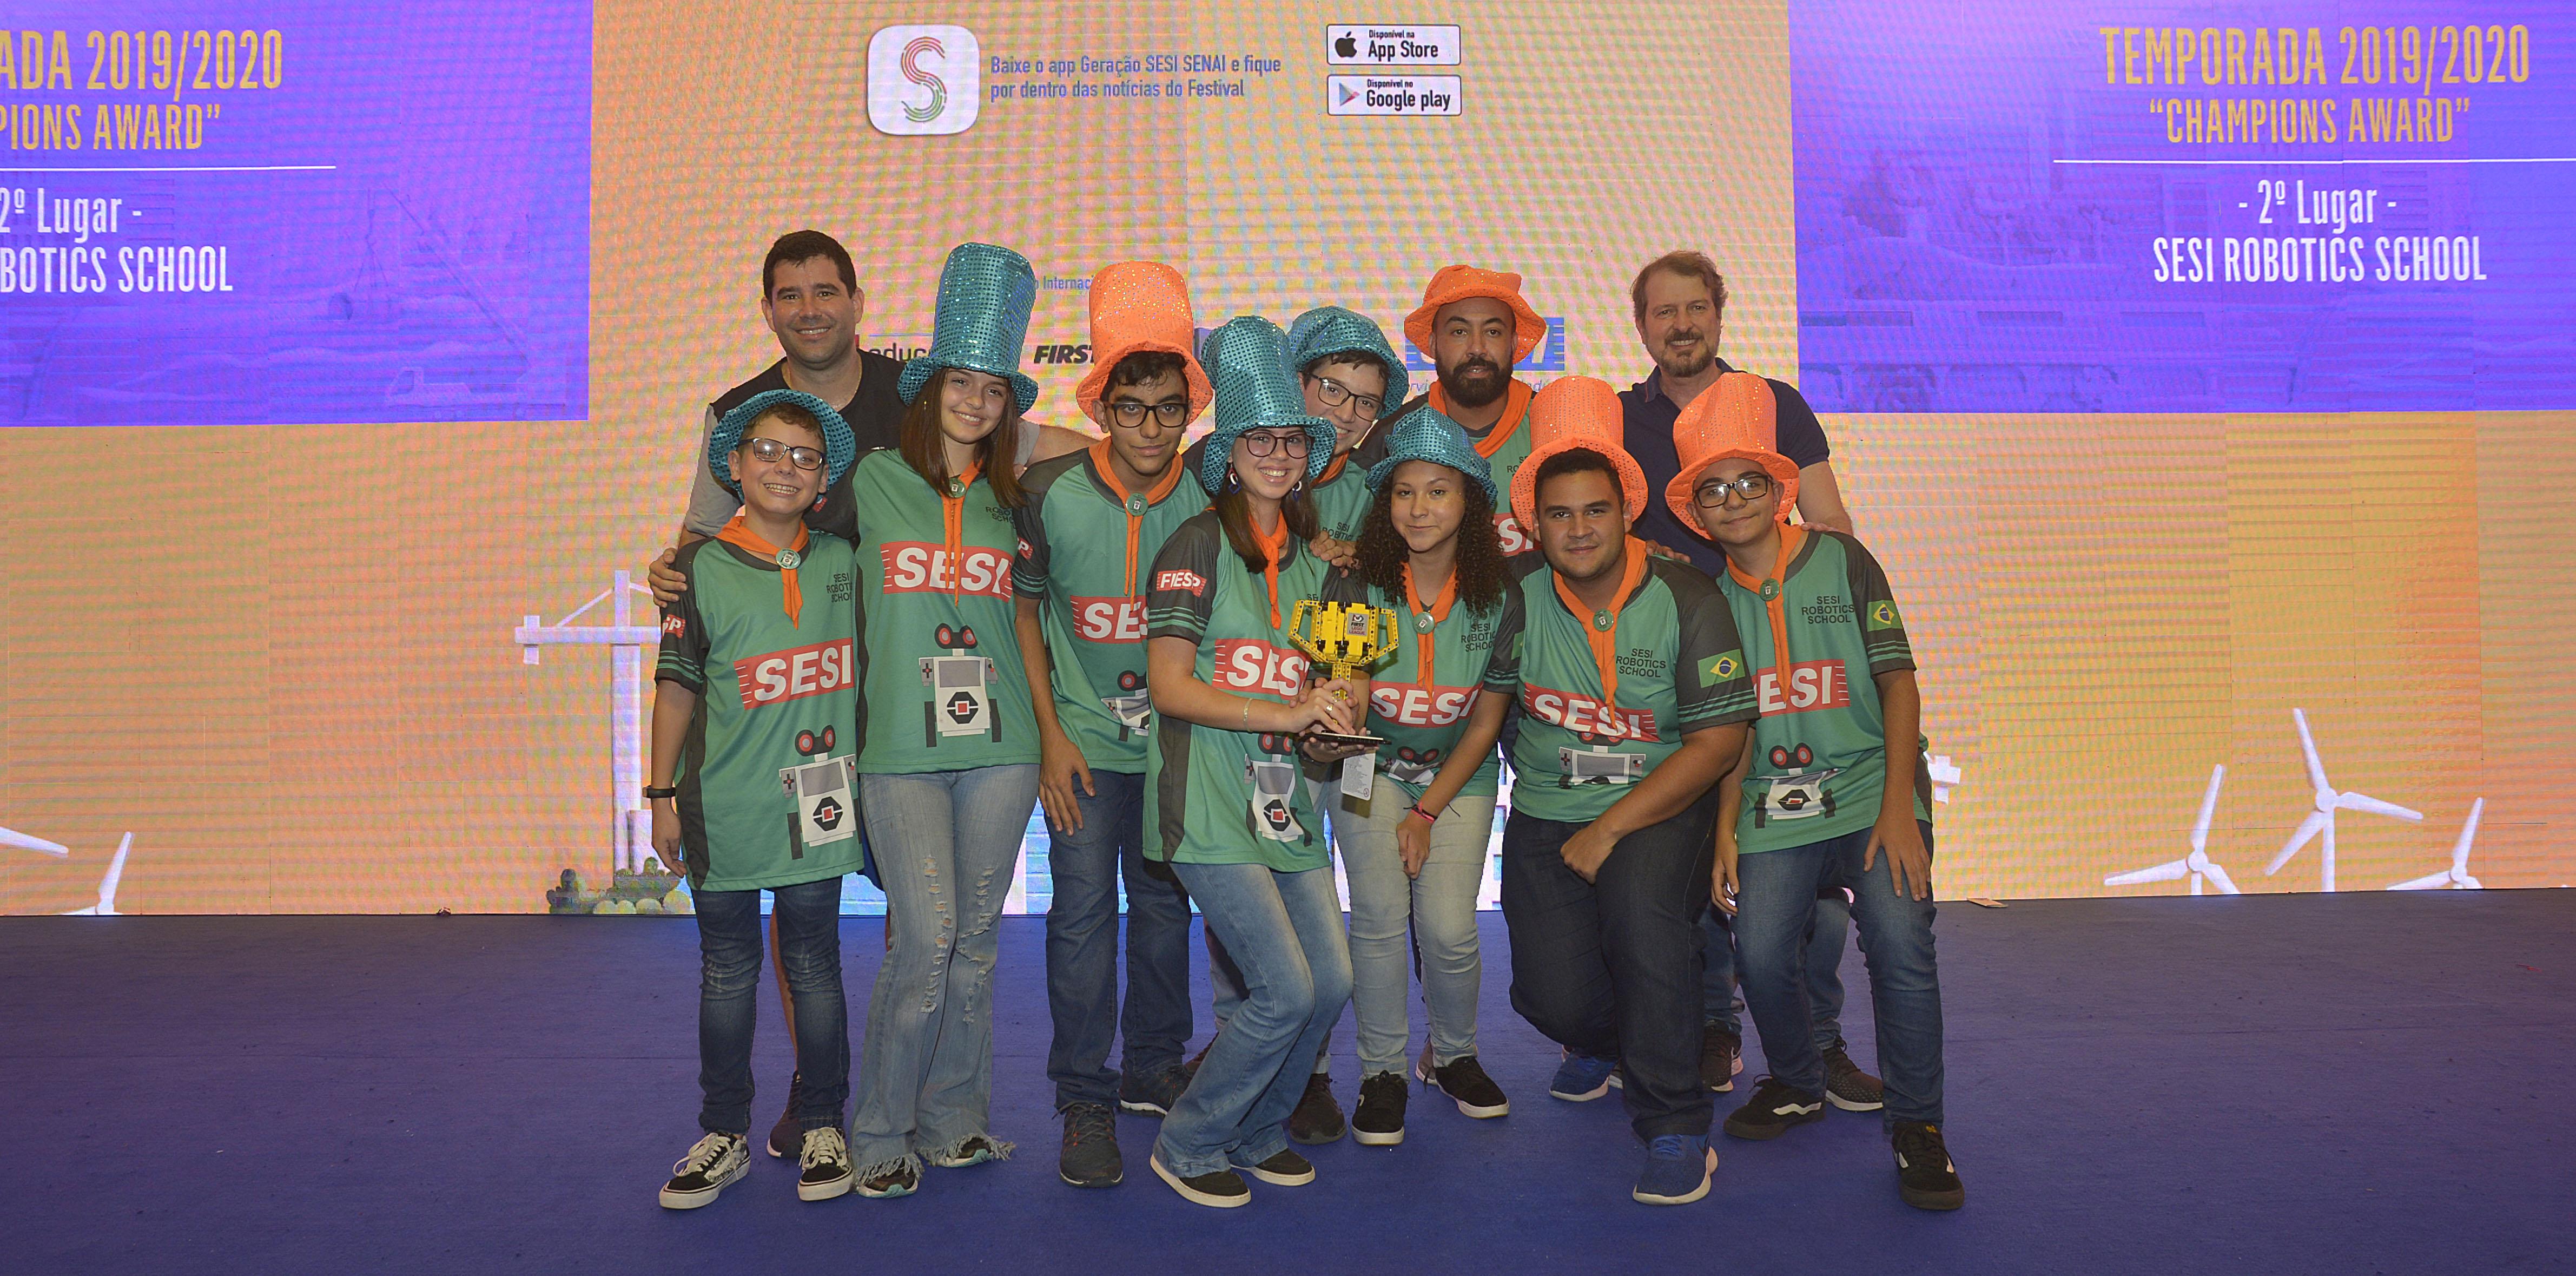 Equipe Robotics School, da escola SESI de Ourinhos